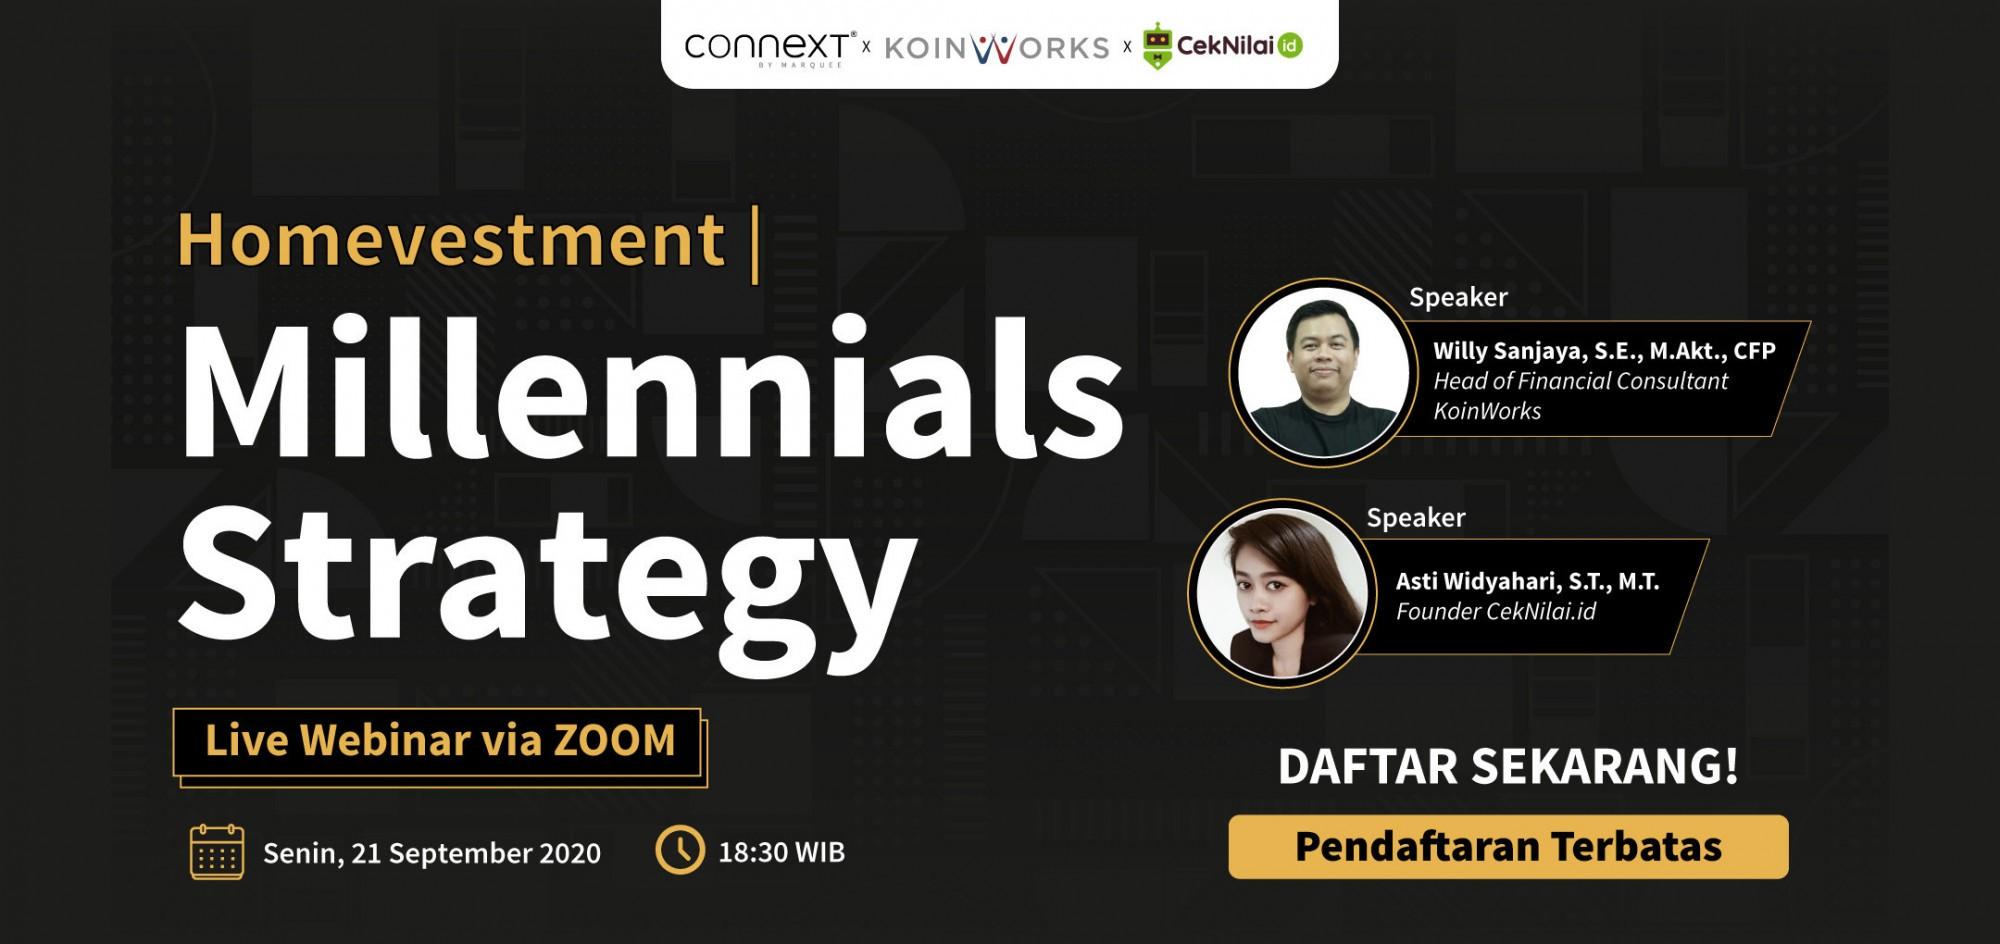 Homevestment   Millennials Strategy